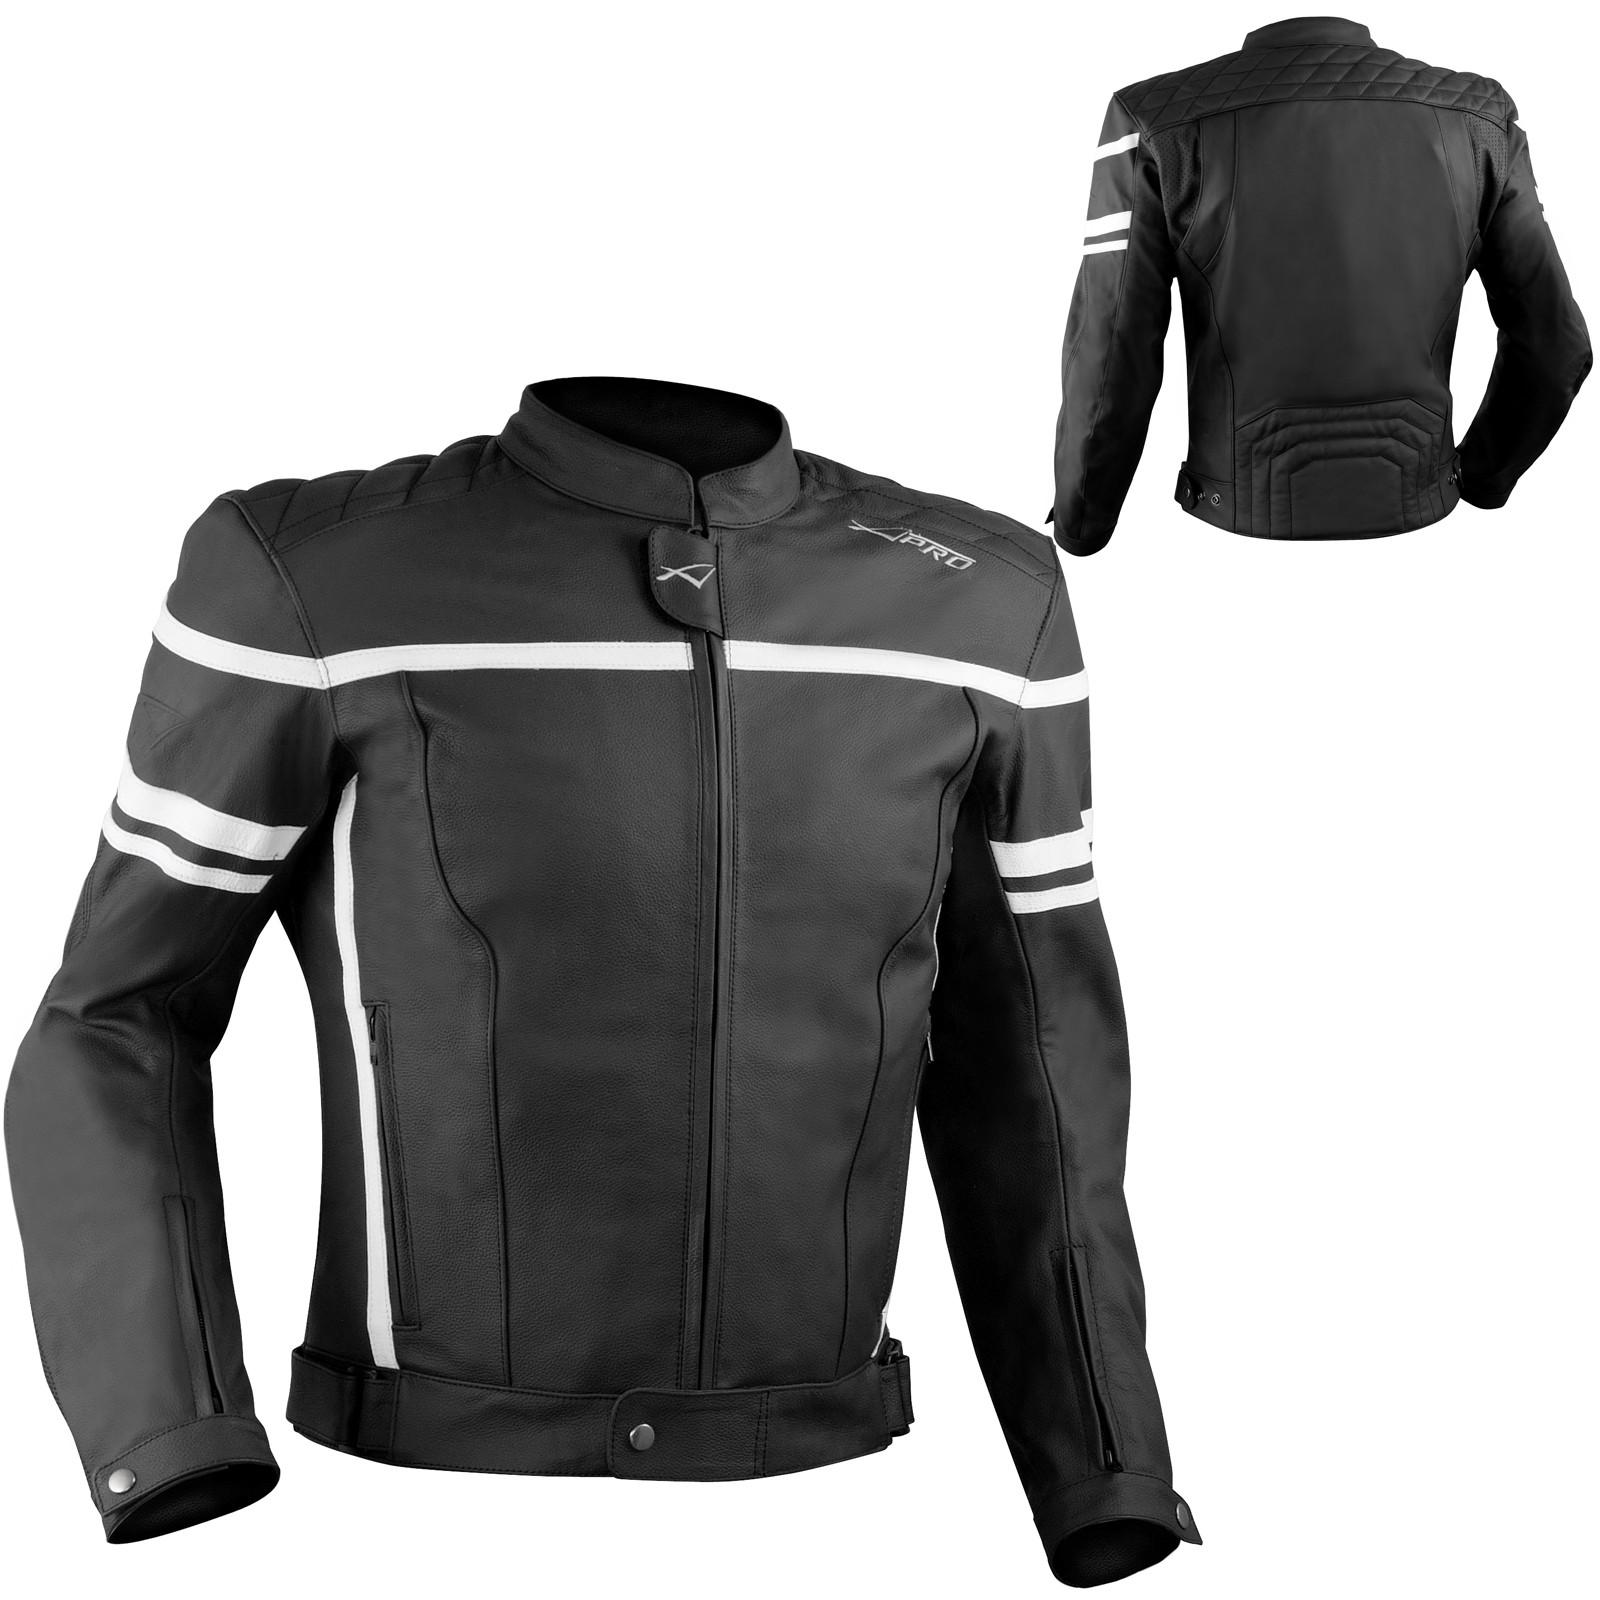 Giacca Giubbino Moto Pelle Sfoderabile Sport Custom Bianco Protezioni Omologate